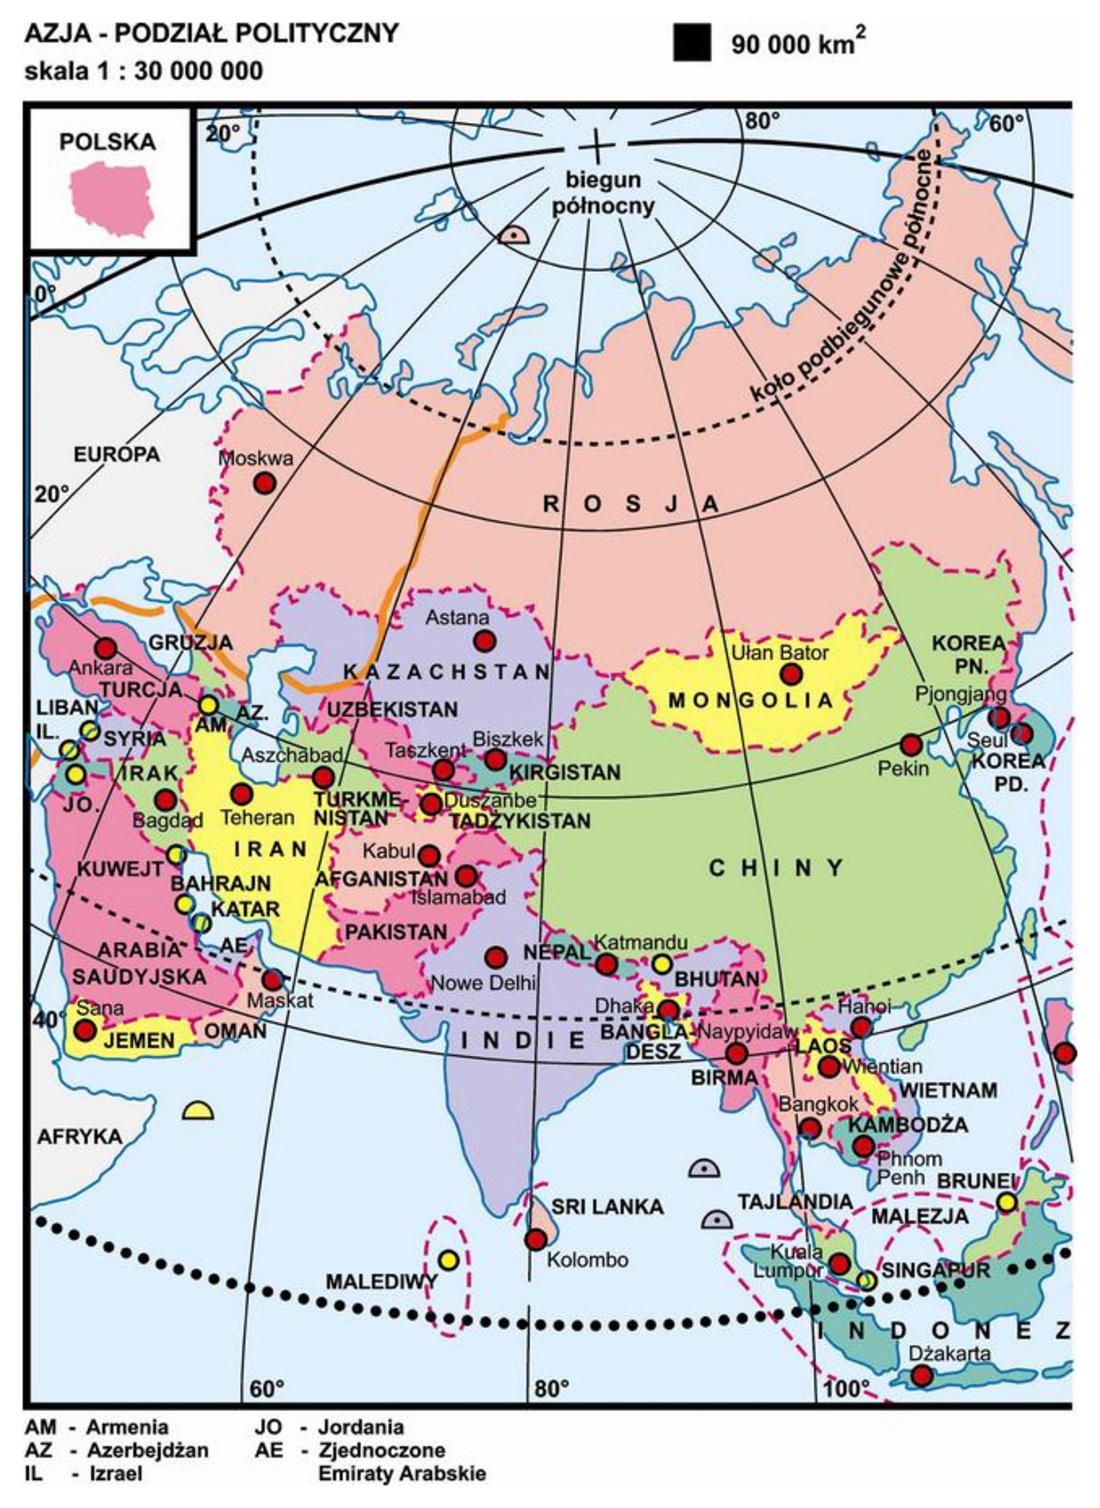 26 Azja Podzial Polityczny